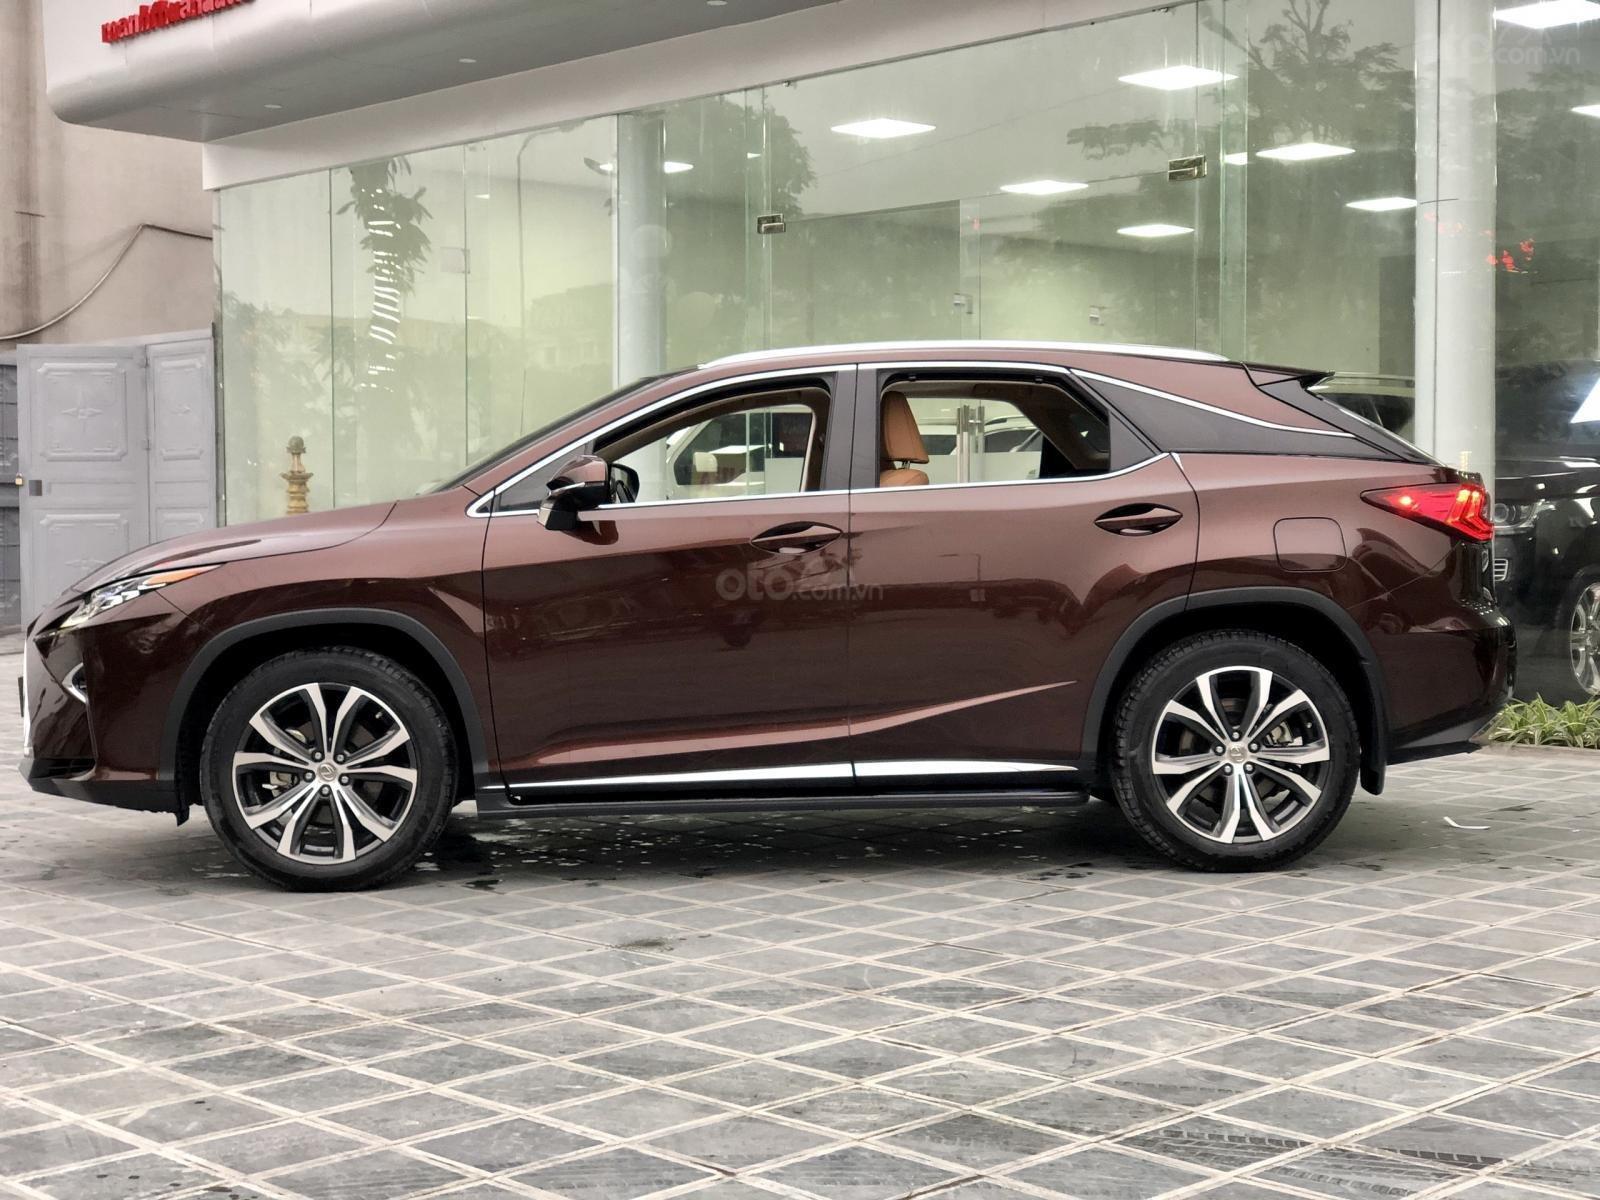 Cần bán xe Lexus RX 350 sản xuất 2017, xe nhập chính hãng. LH 093.996.2368 Ms Ngọc Vy (3)